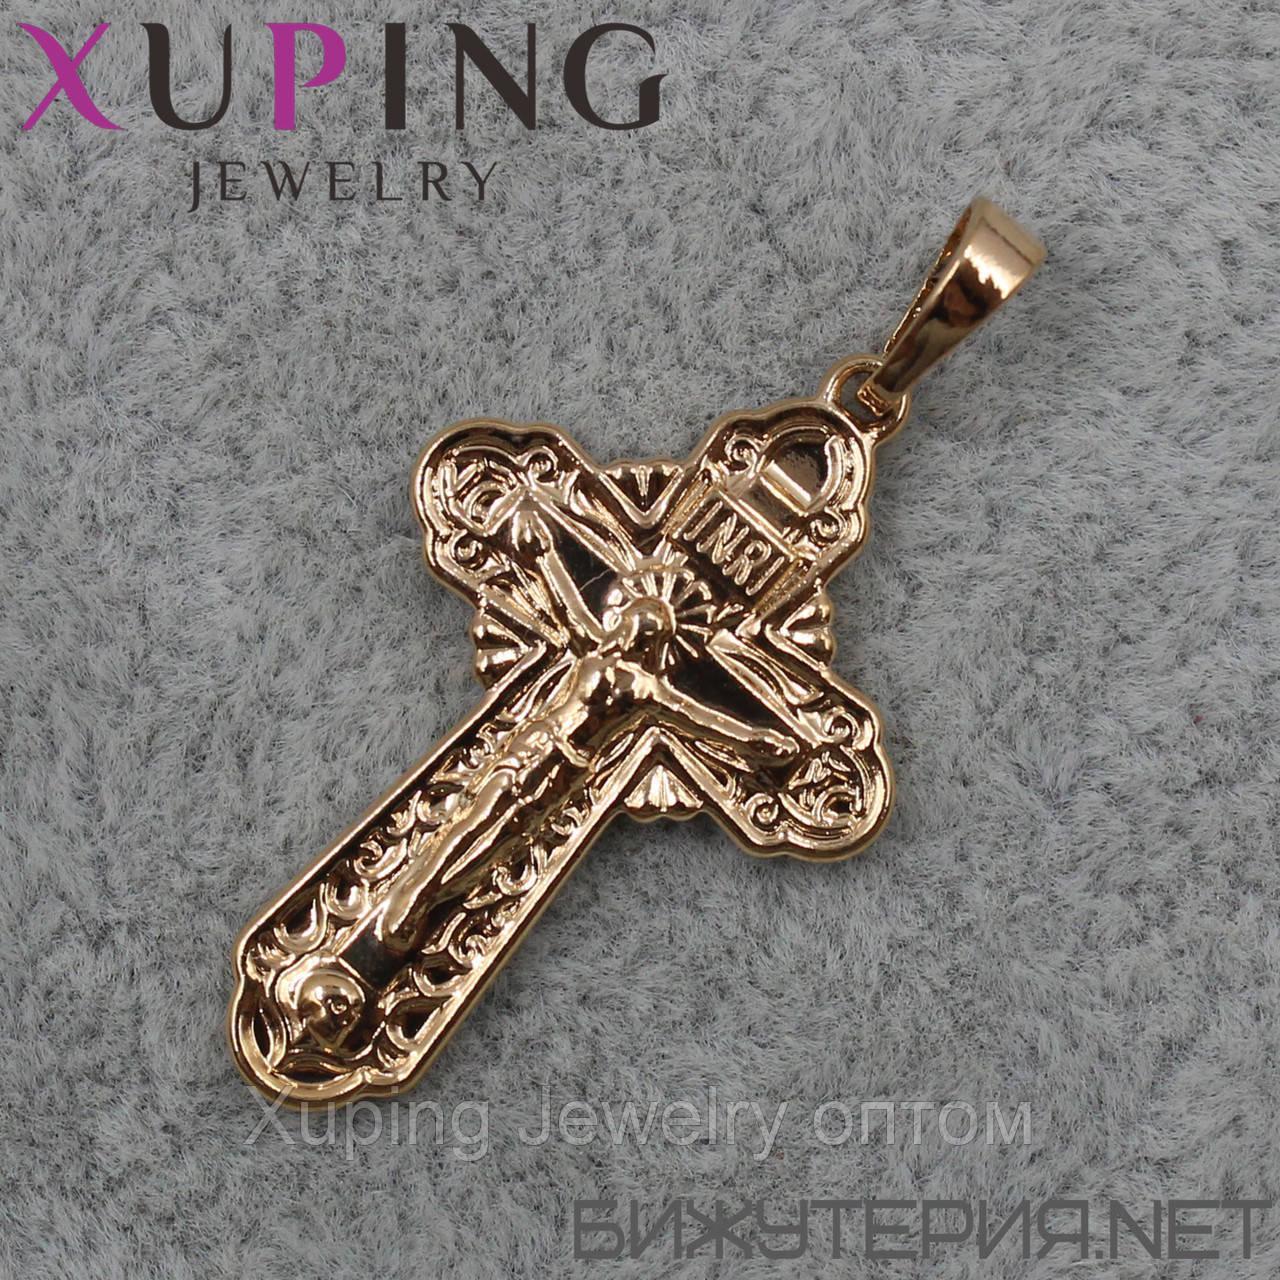 Крестик Xuping медицинское золото 18K Gold - 1020454530